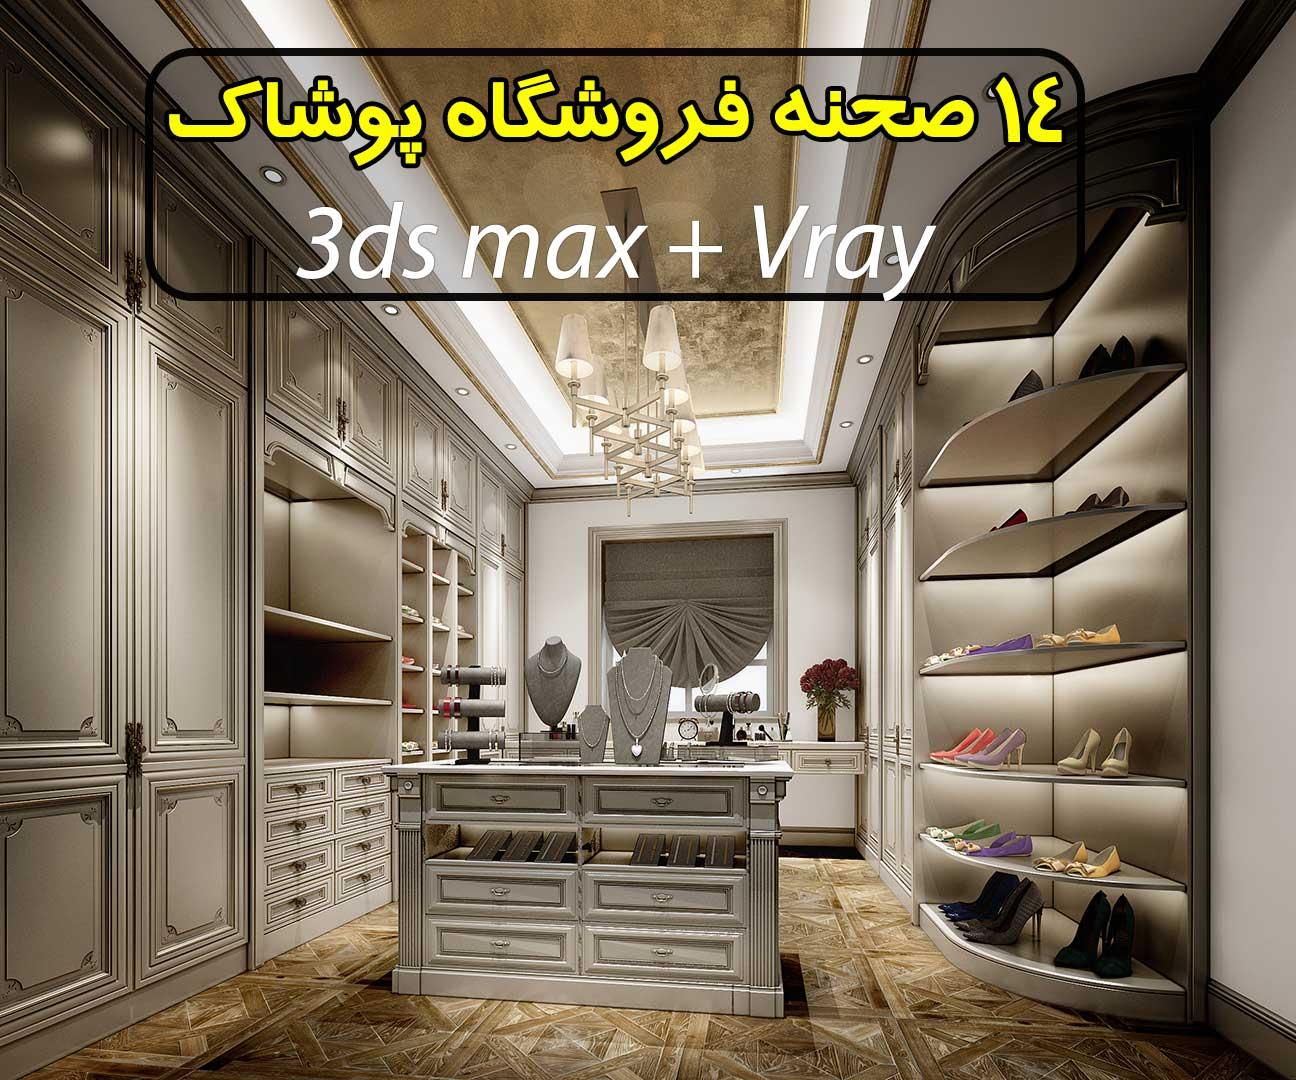 مجموعه 14 صحنه سه بعدی فروشگاه پوشاک و کیف و کفش تری دی مکس ویری